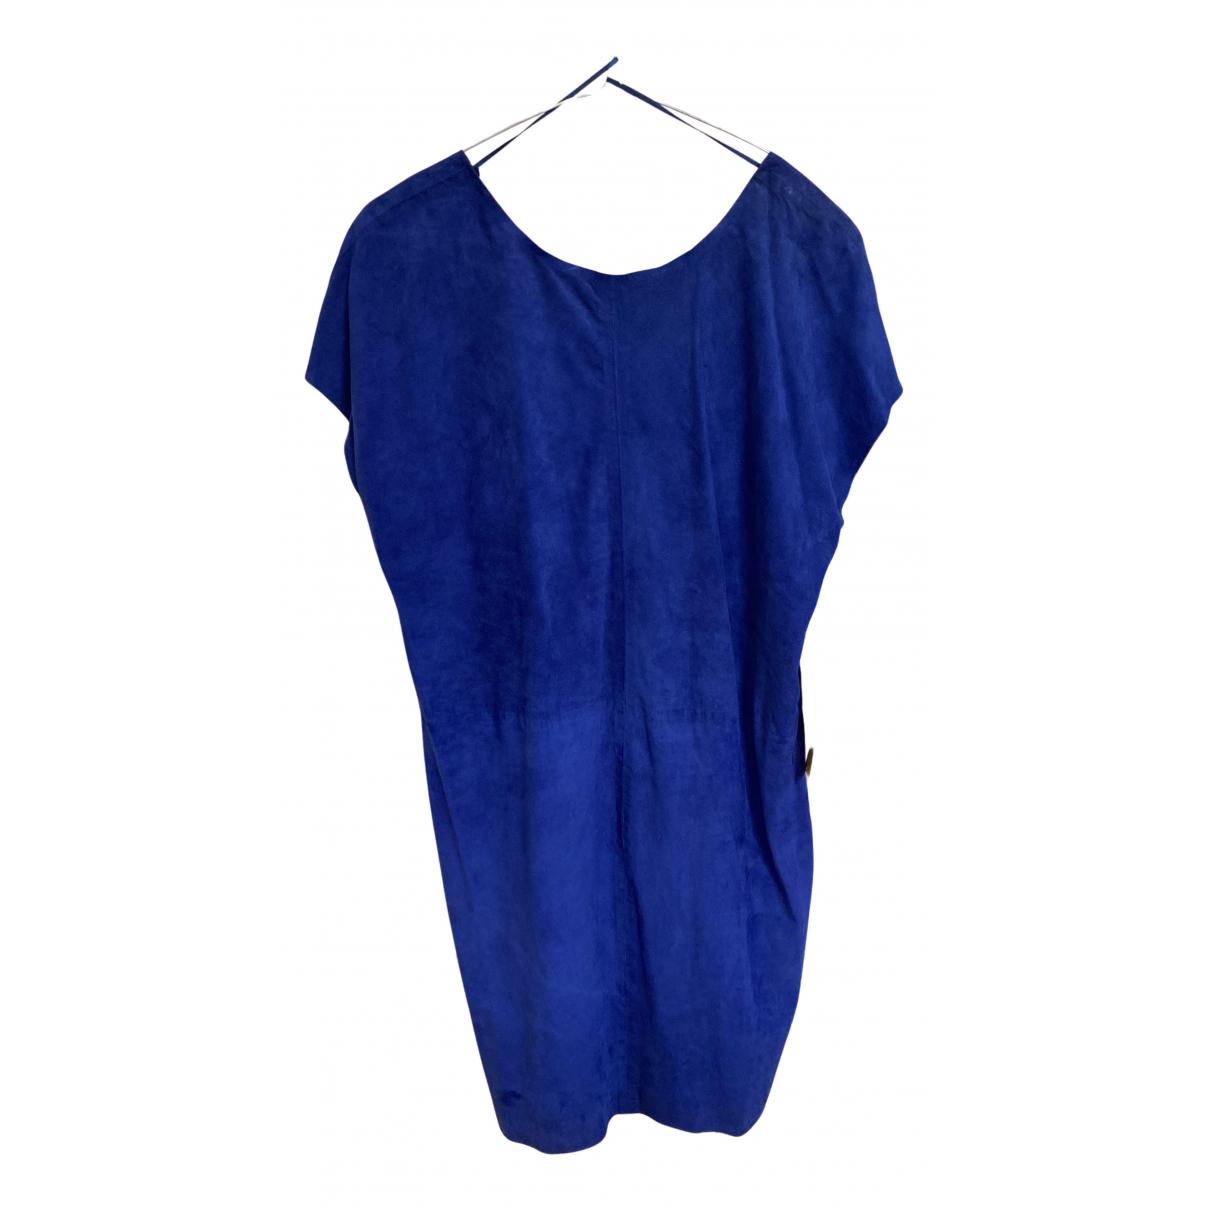 Jimmy Choo For H&m \N Kleid in  Blau Veloursleder